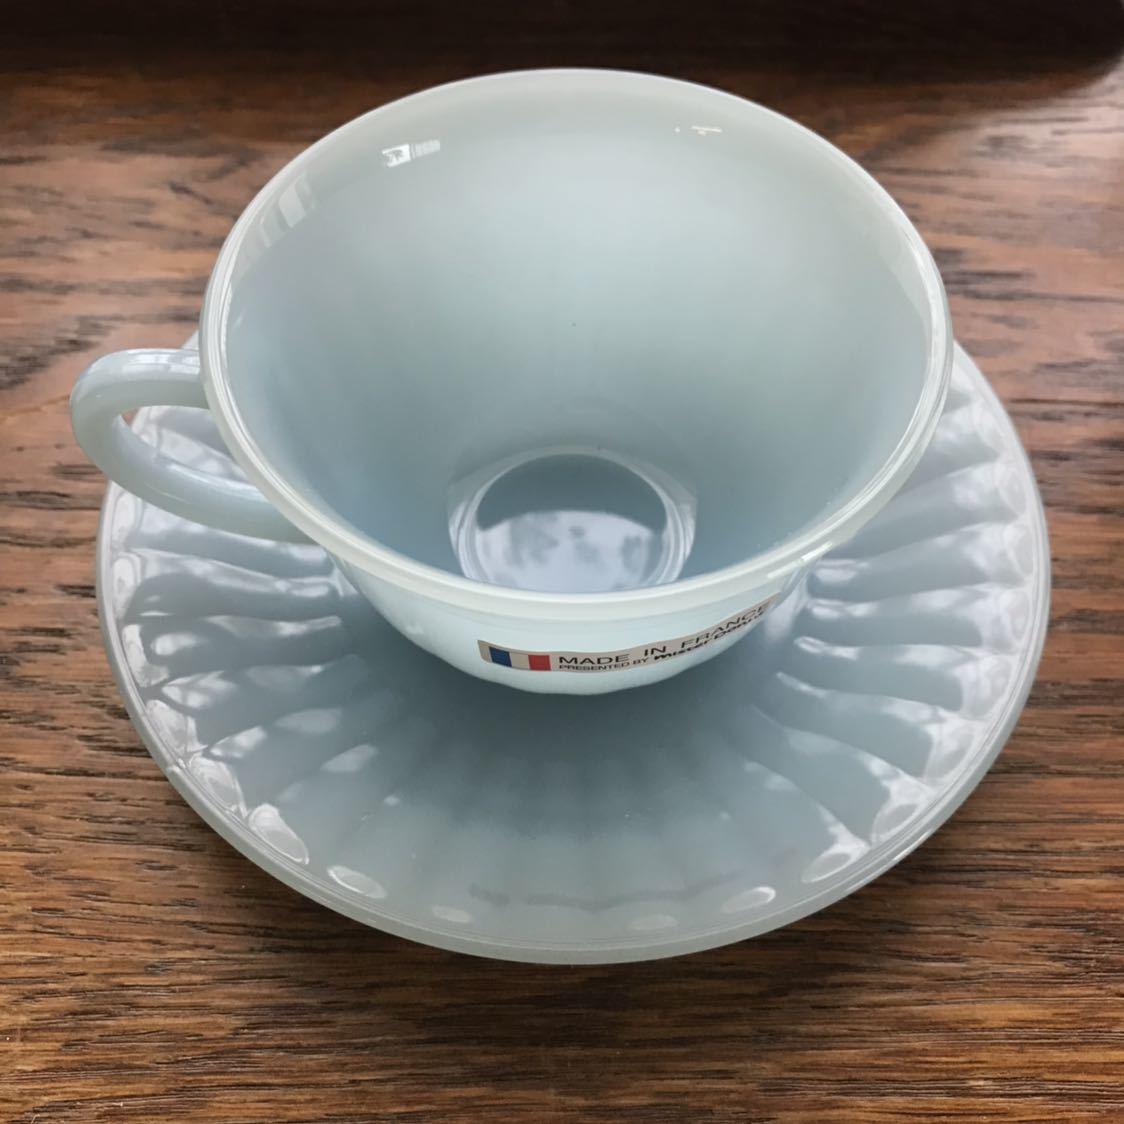 ミスタードーナツ カップ&ソーサー シール付き新品 アルコパル arcopal ノベルティ ミルクガラス ミスド 食器_画像9